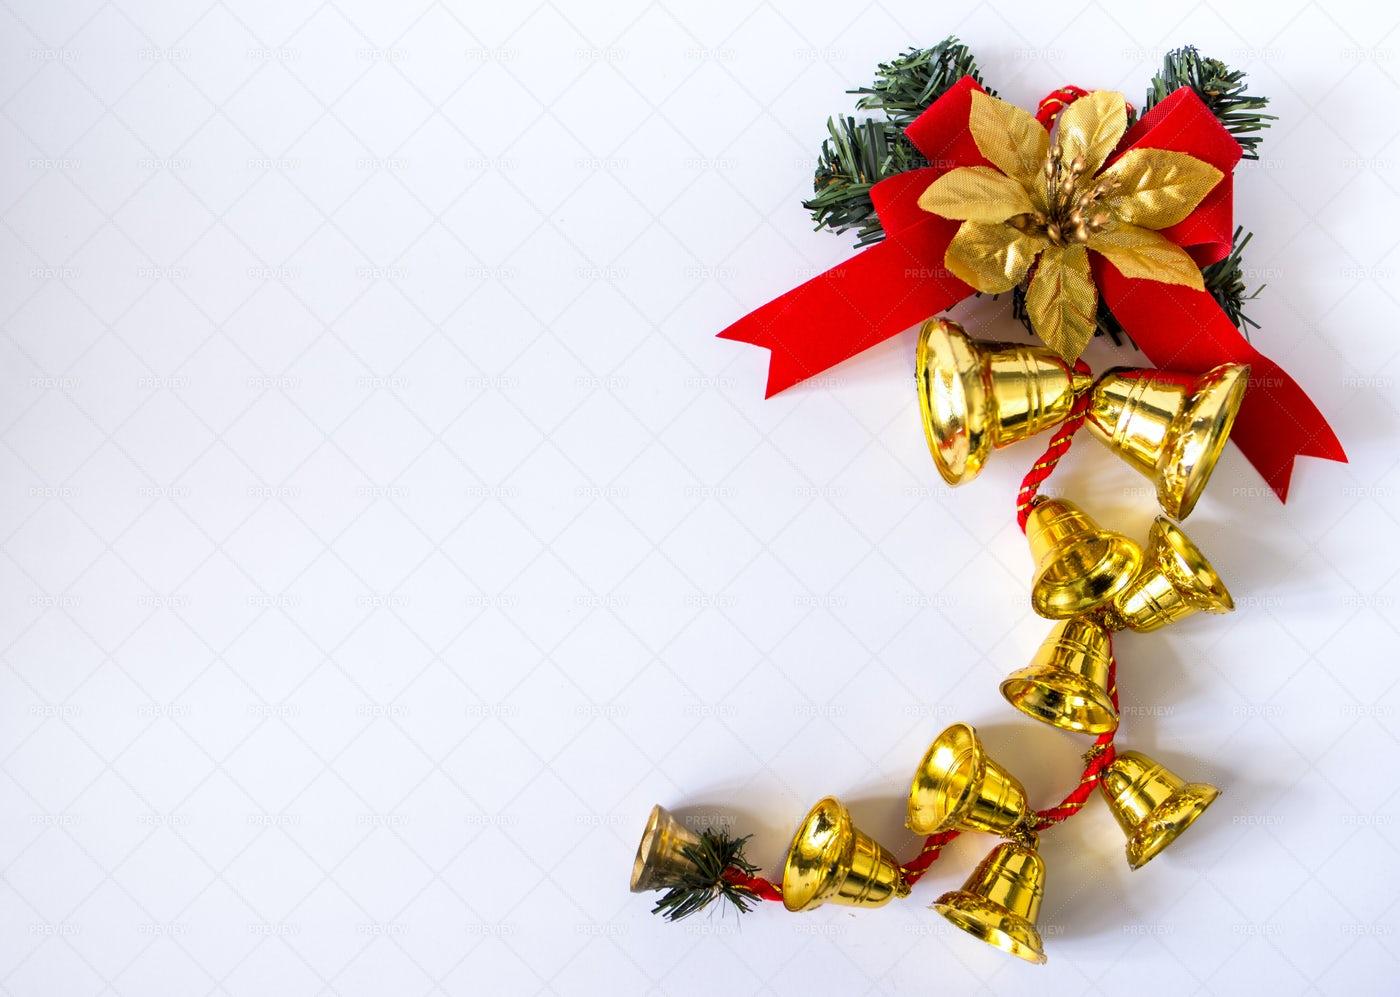 Jingle Bells: Stock Photos